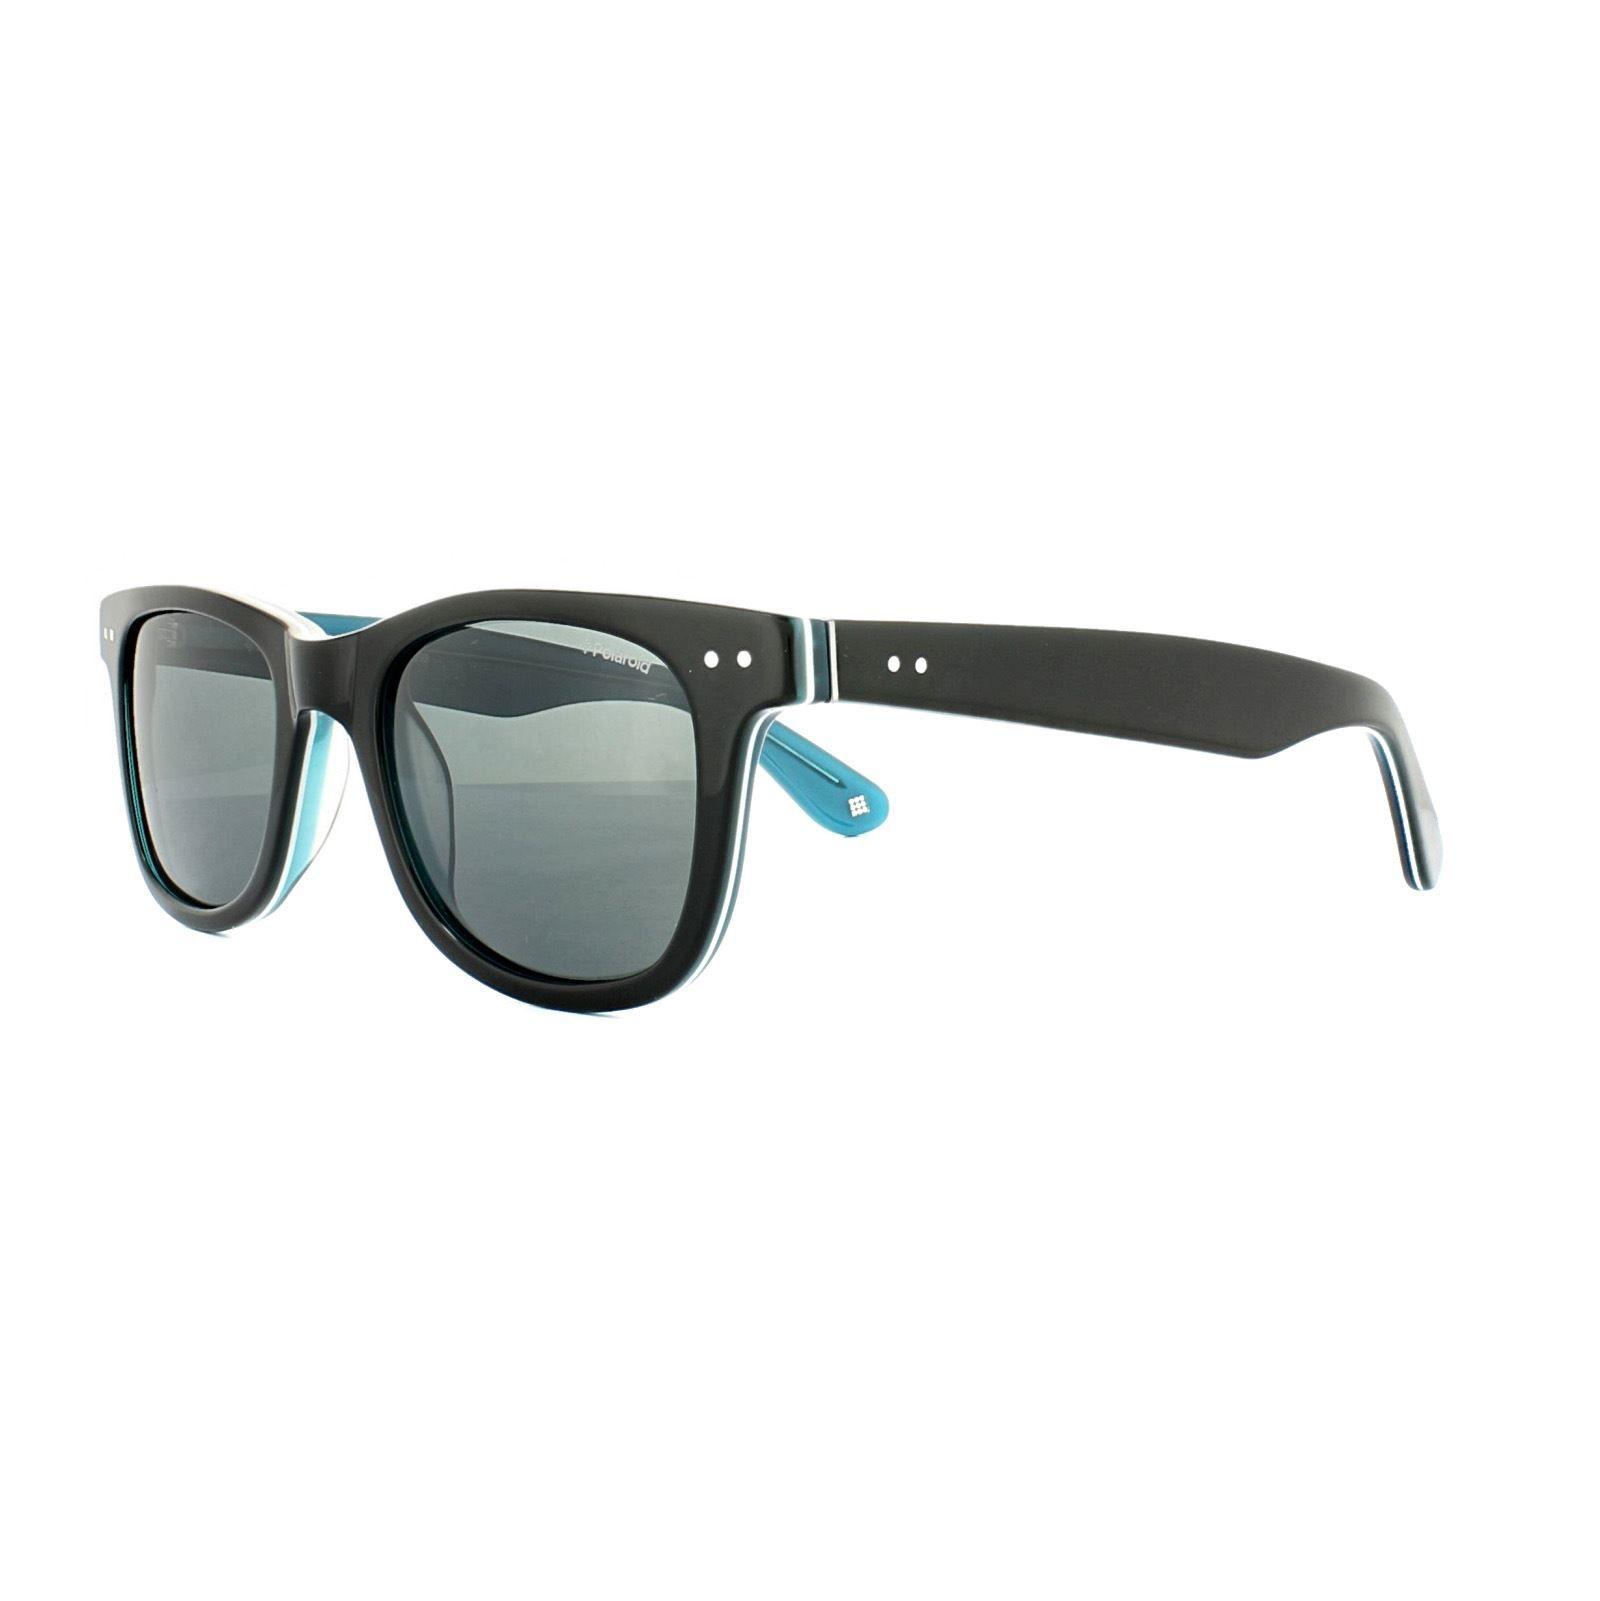 Polaroid Sunglasses X8400 D51 1T Black Blue Grey Polarized AR